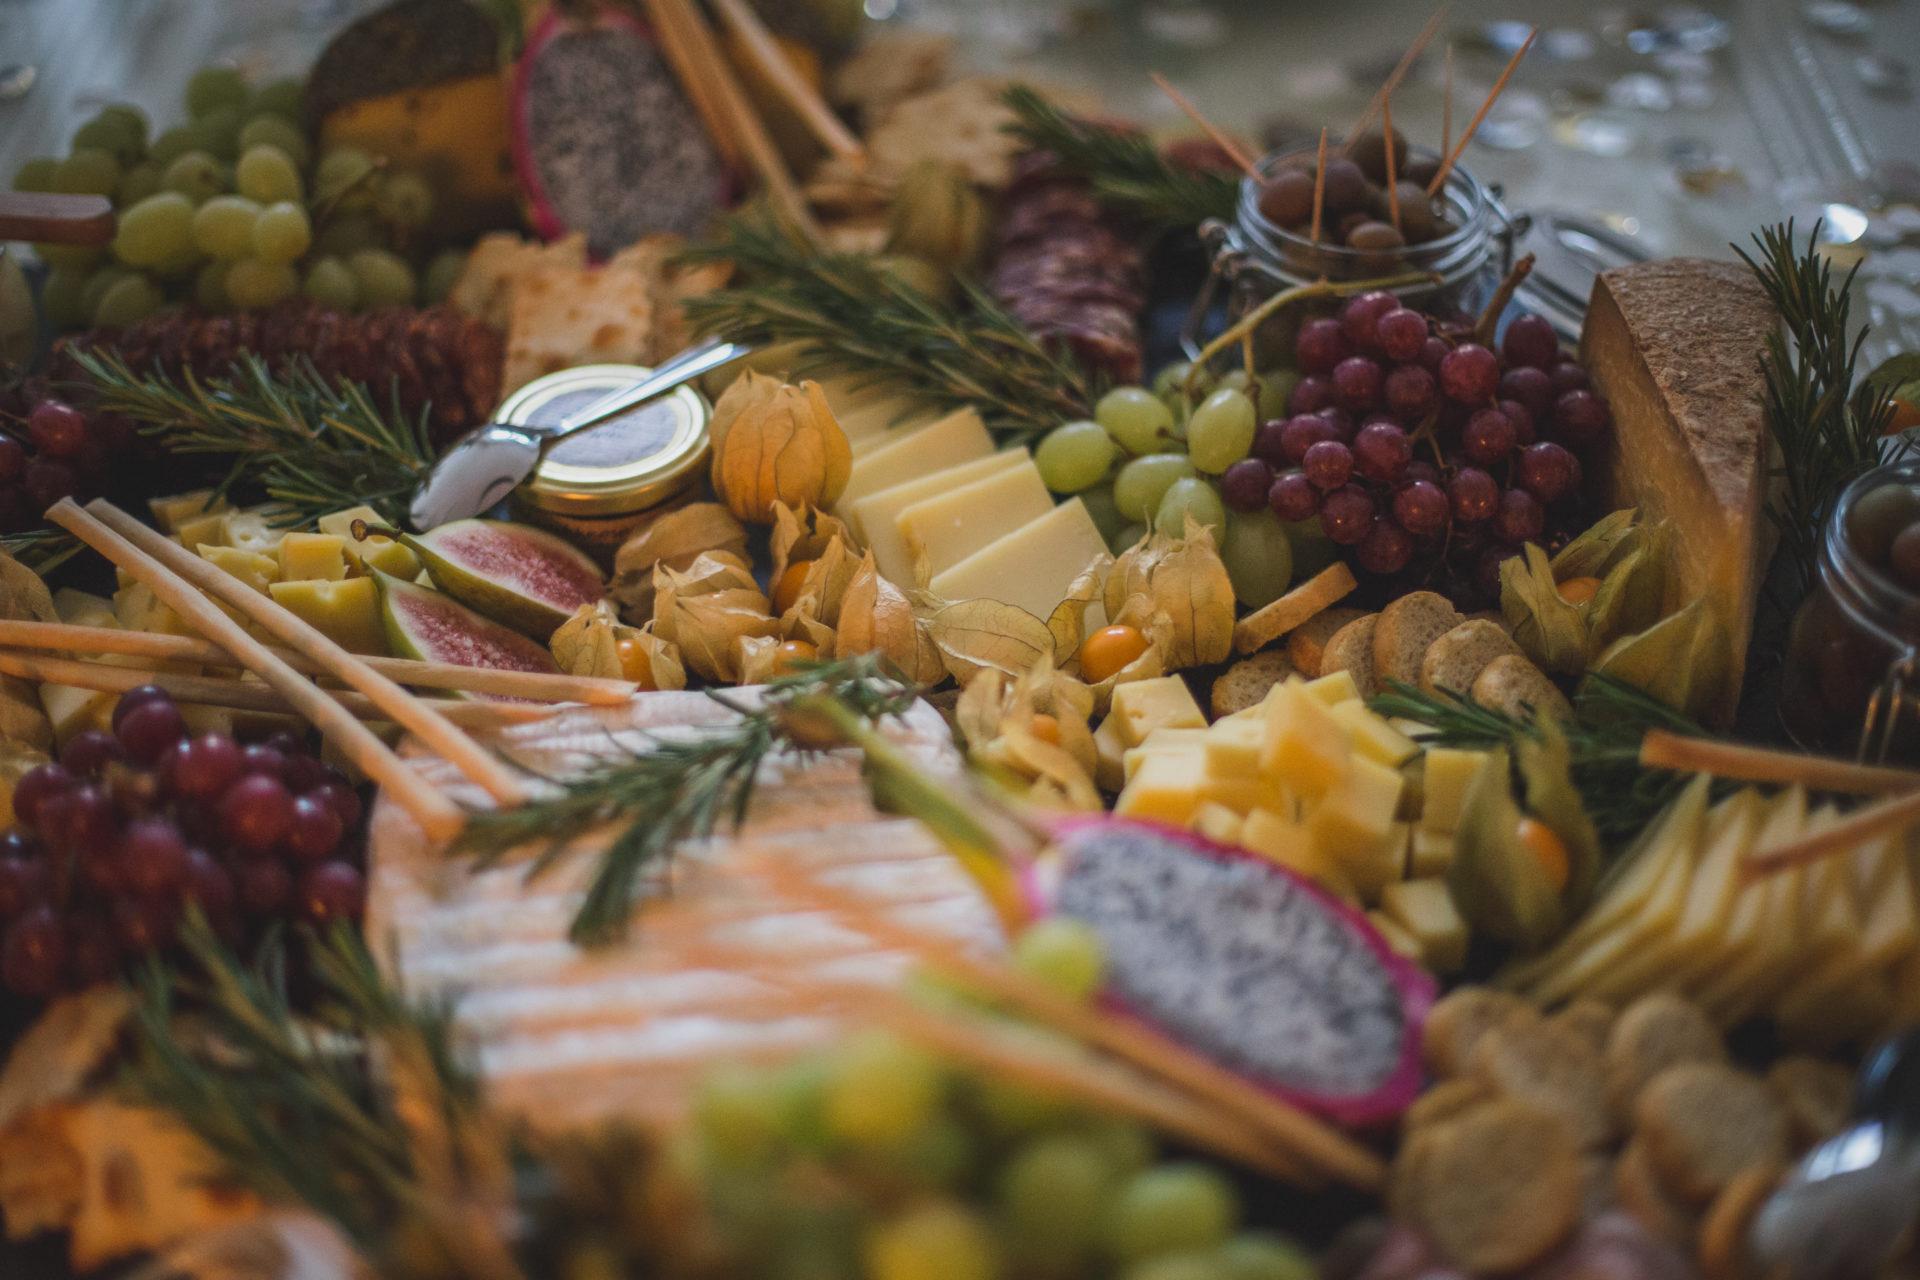 Hochzeitsfotografie-Berlin_142223_Carolin-Weinkopf